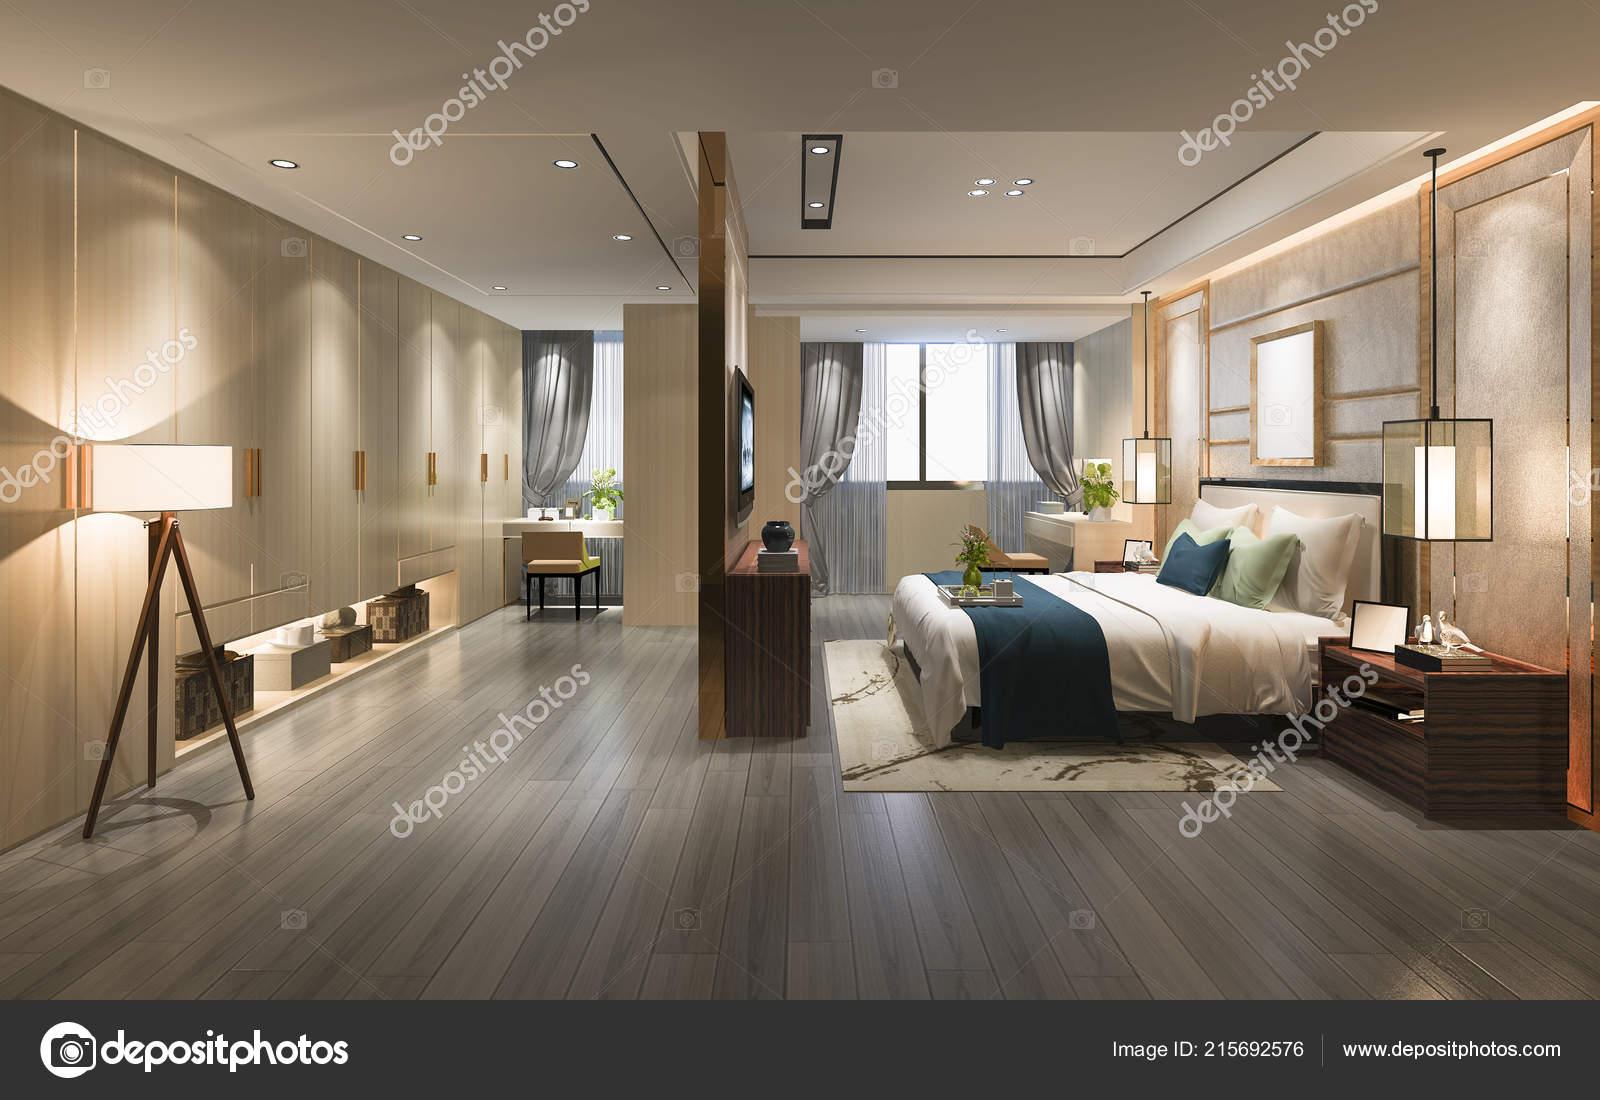 Rendering Luxury Modern Bedroom Suite Wardrobe Walk Closet Stock Photo Image By C Dit26978 215692576